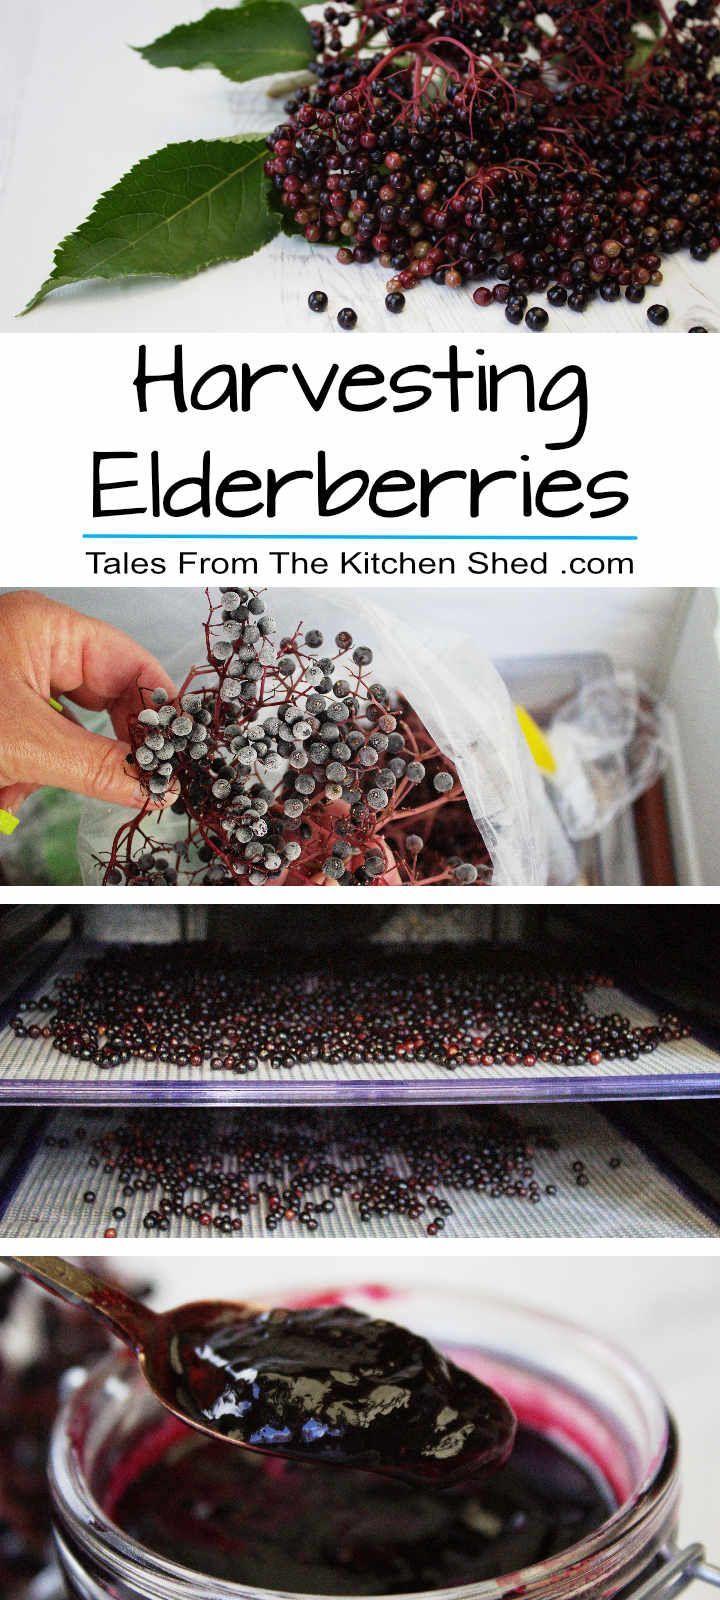 Harvesting Elderberries: Picking, Preserving